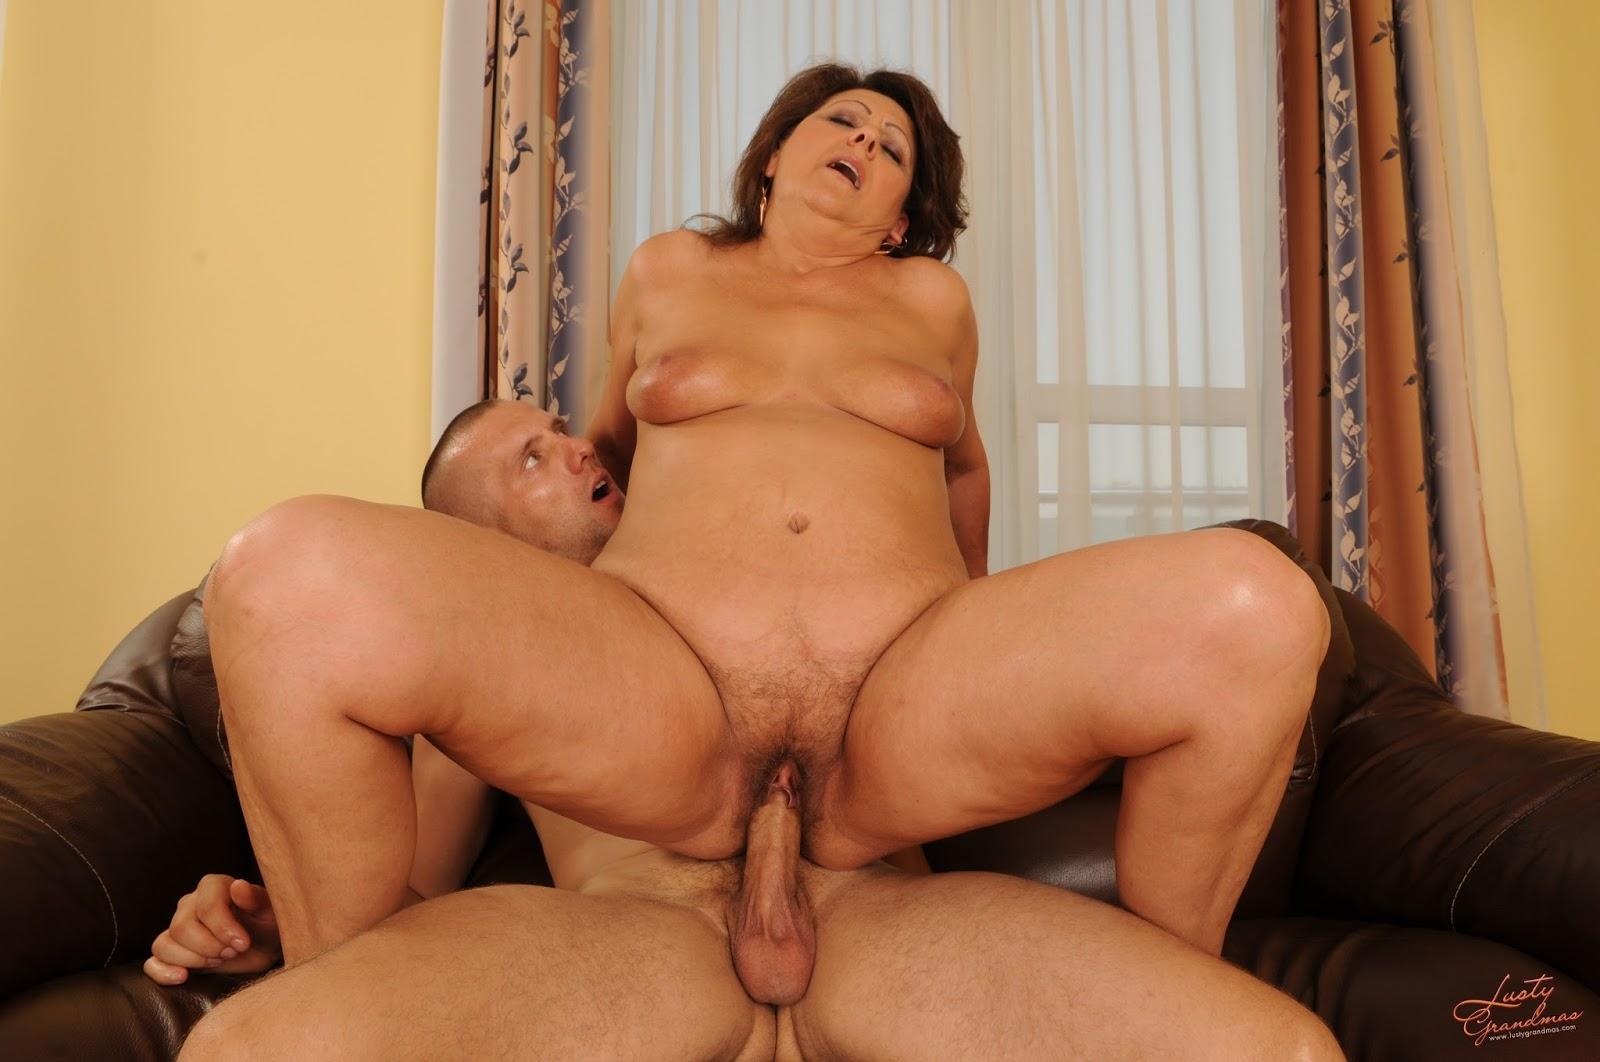 Секс виде зрелыми, Порно видео зрелые, секс со зрелыми бабами, порно 3 фотография